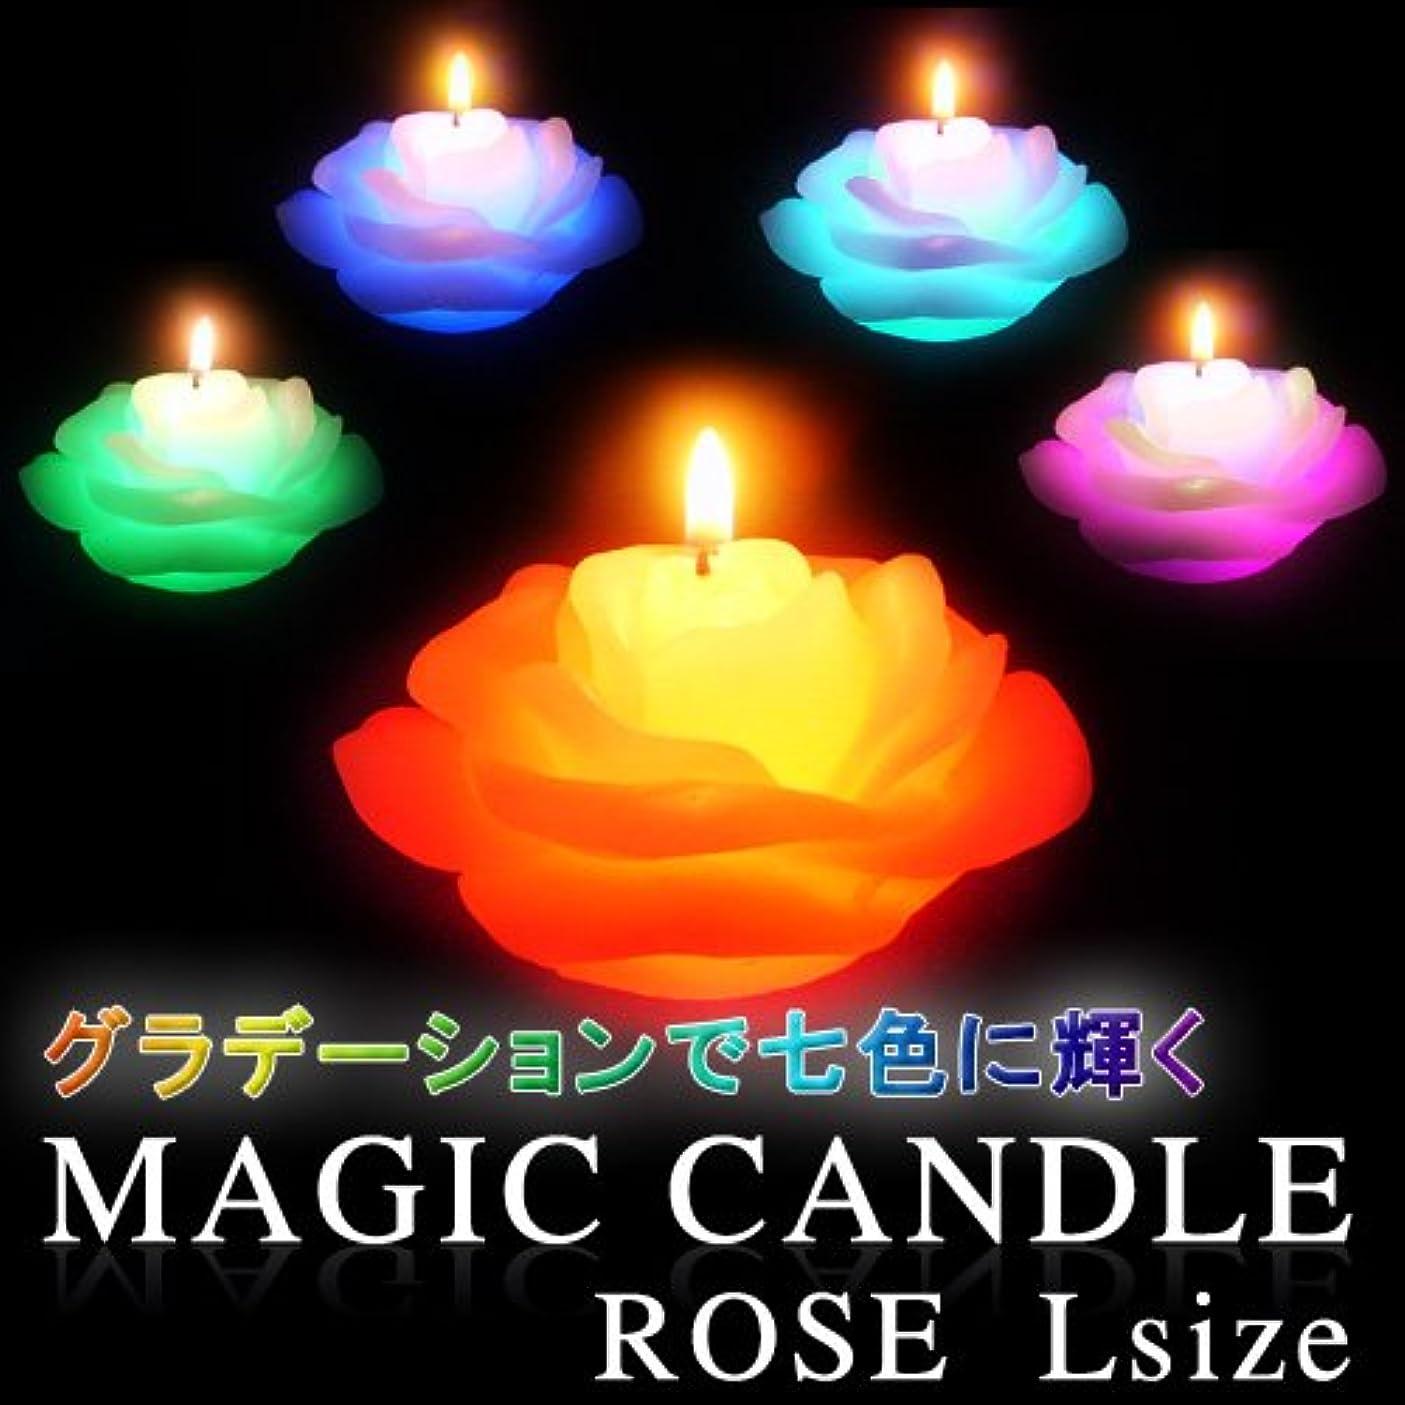 原因見捨てる預言者MAGIC キャンドル ローズ(Lサイズ) キャンドルの炎とLEDライトのコラボレーション!グラデーションで七色に変化!